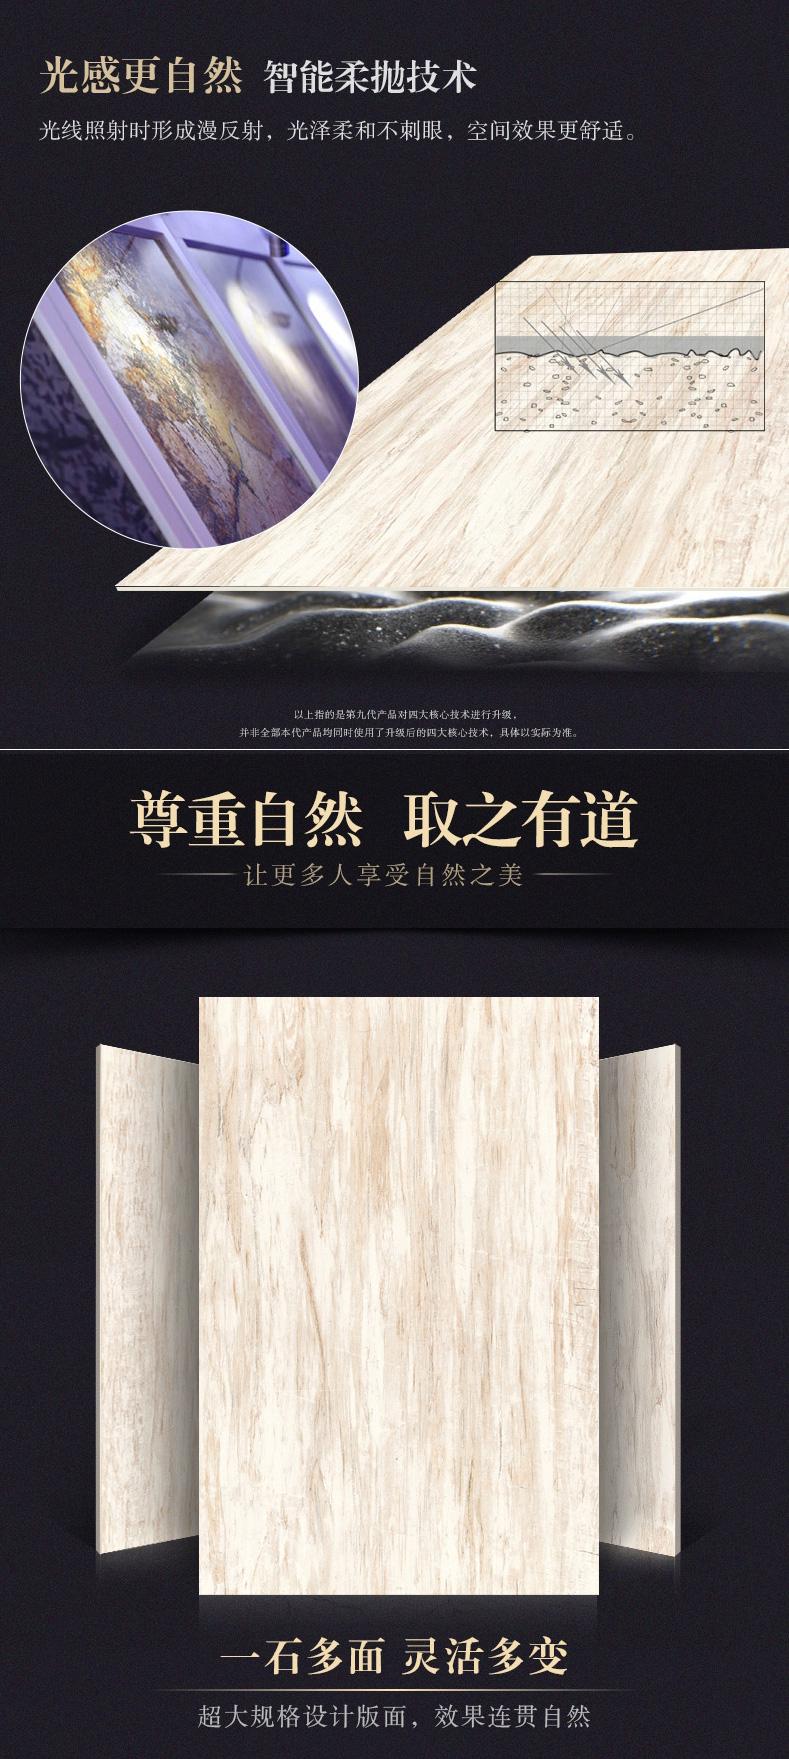 简一大理石瓷砖-翡翠木纹_09.jpg